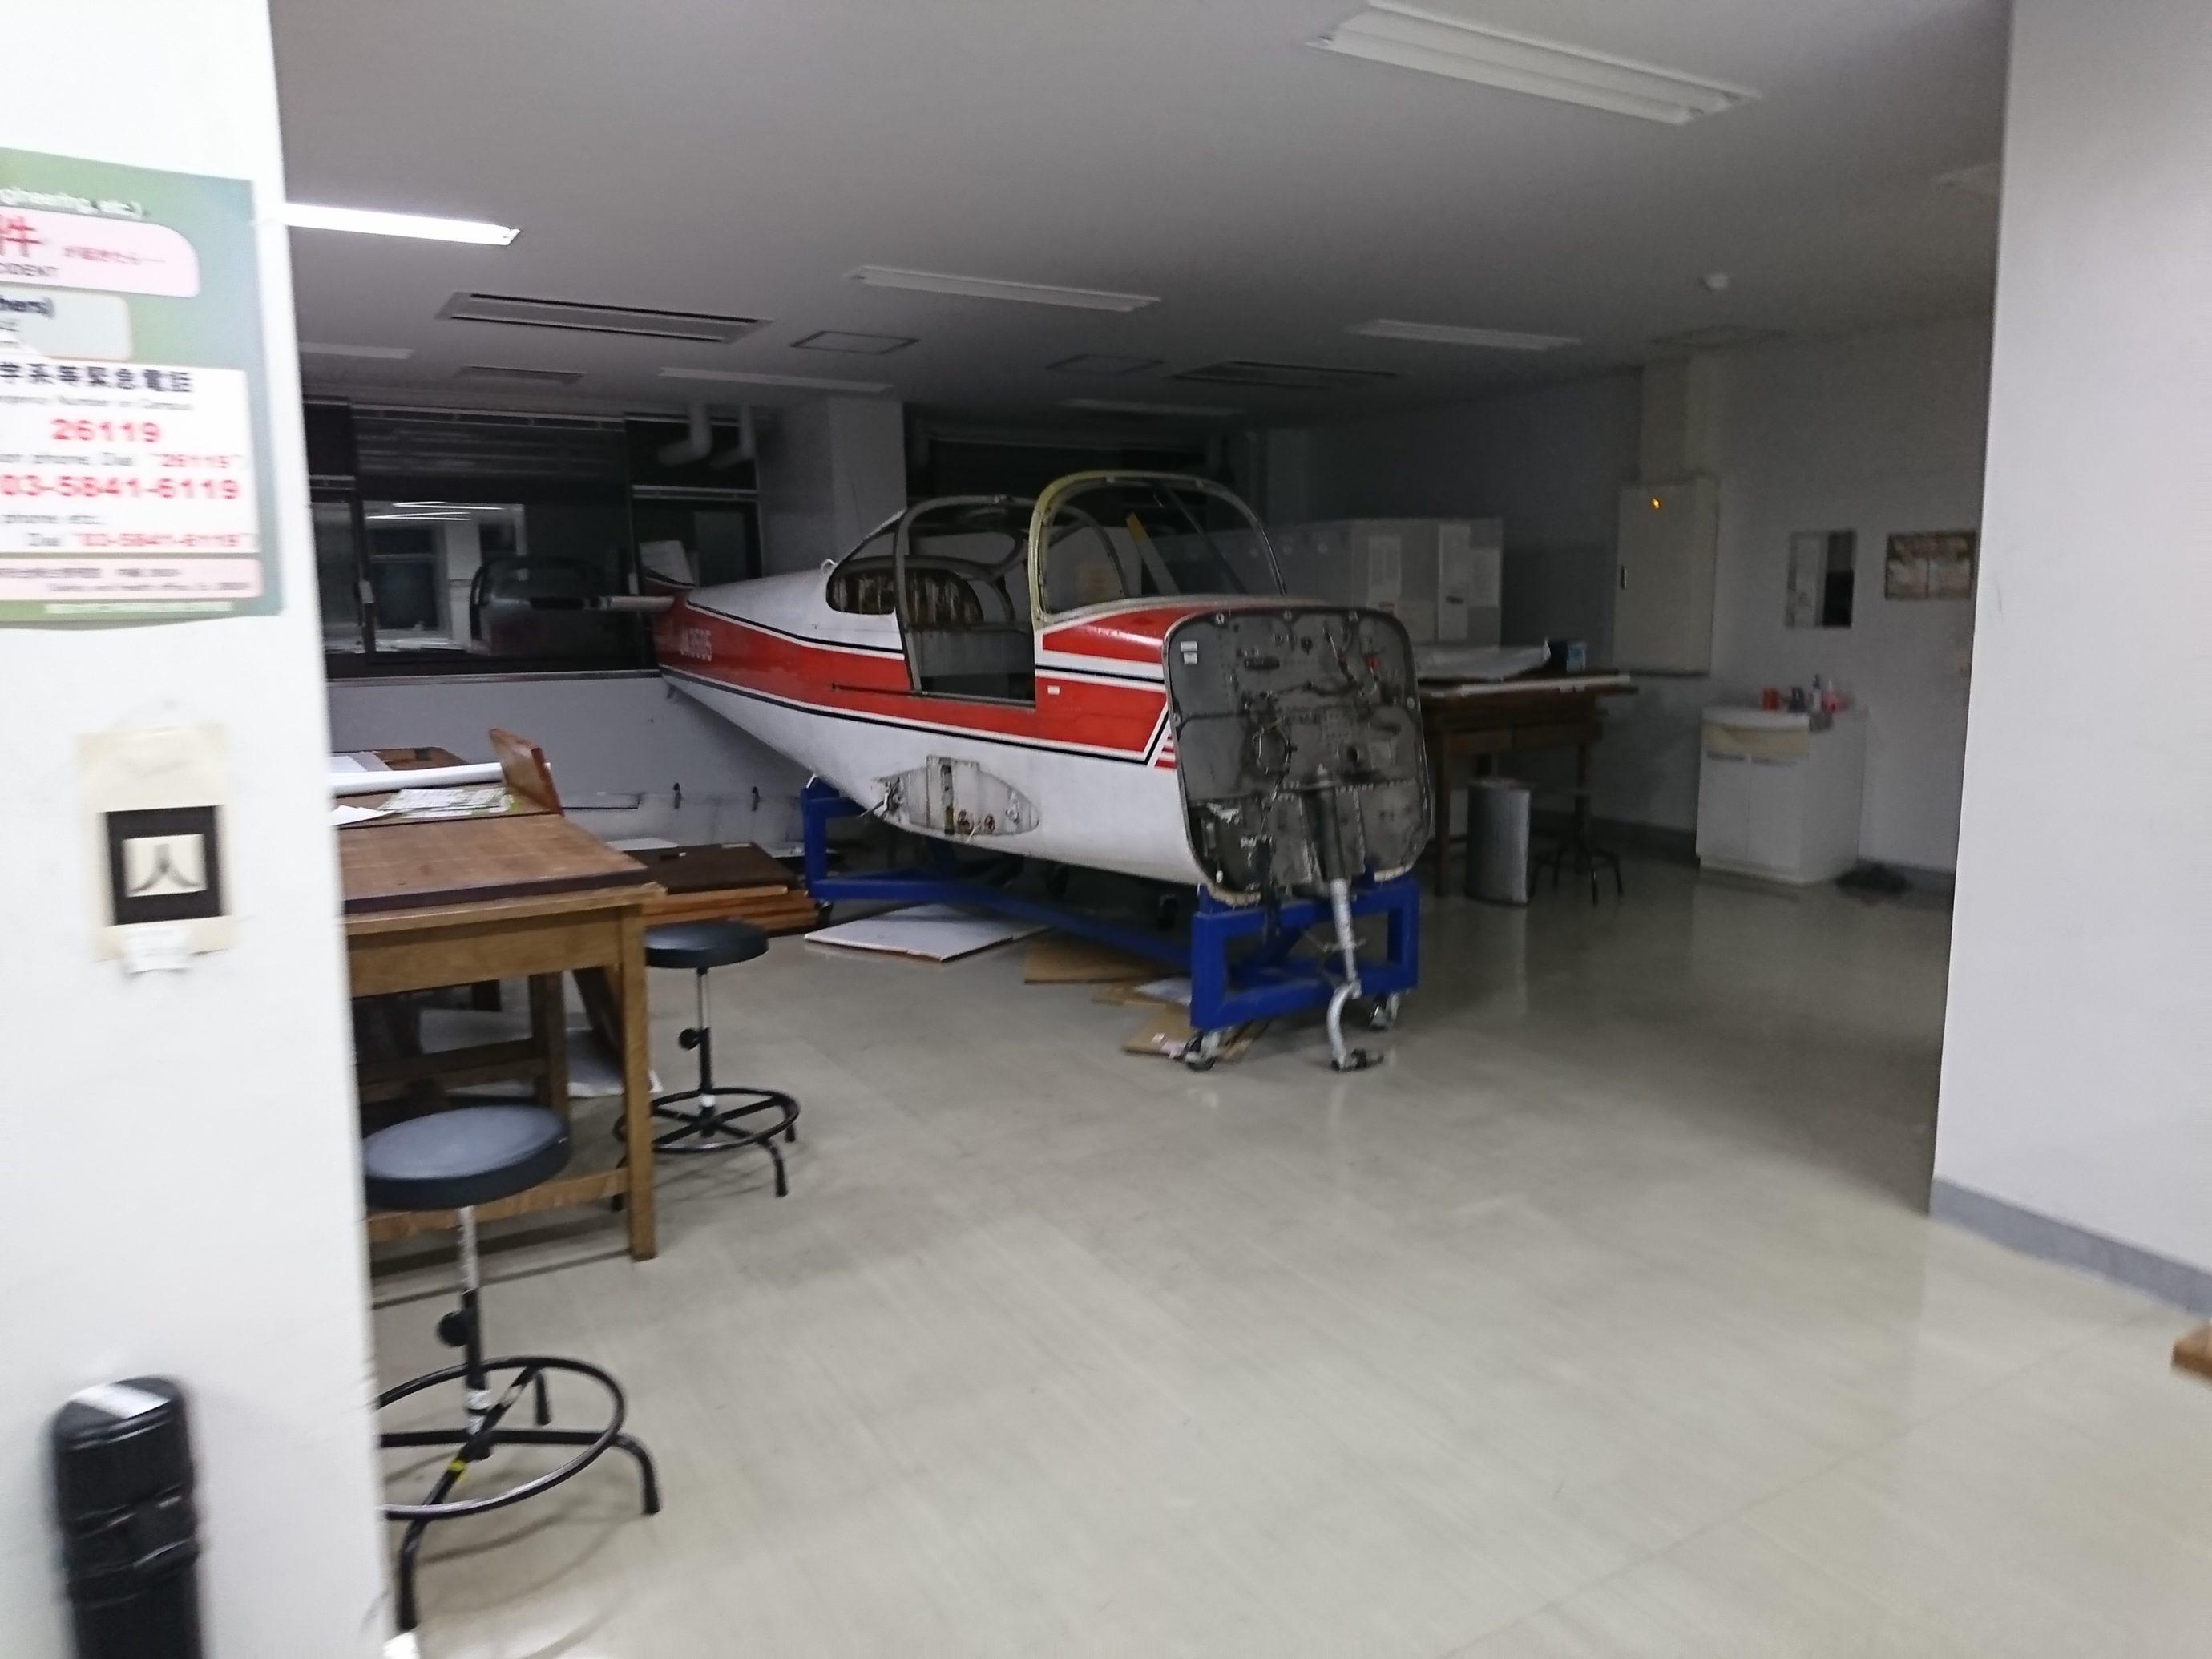 東大航空宇宙工学科の製図室の闇